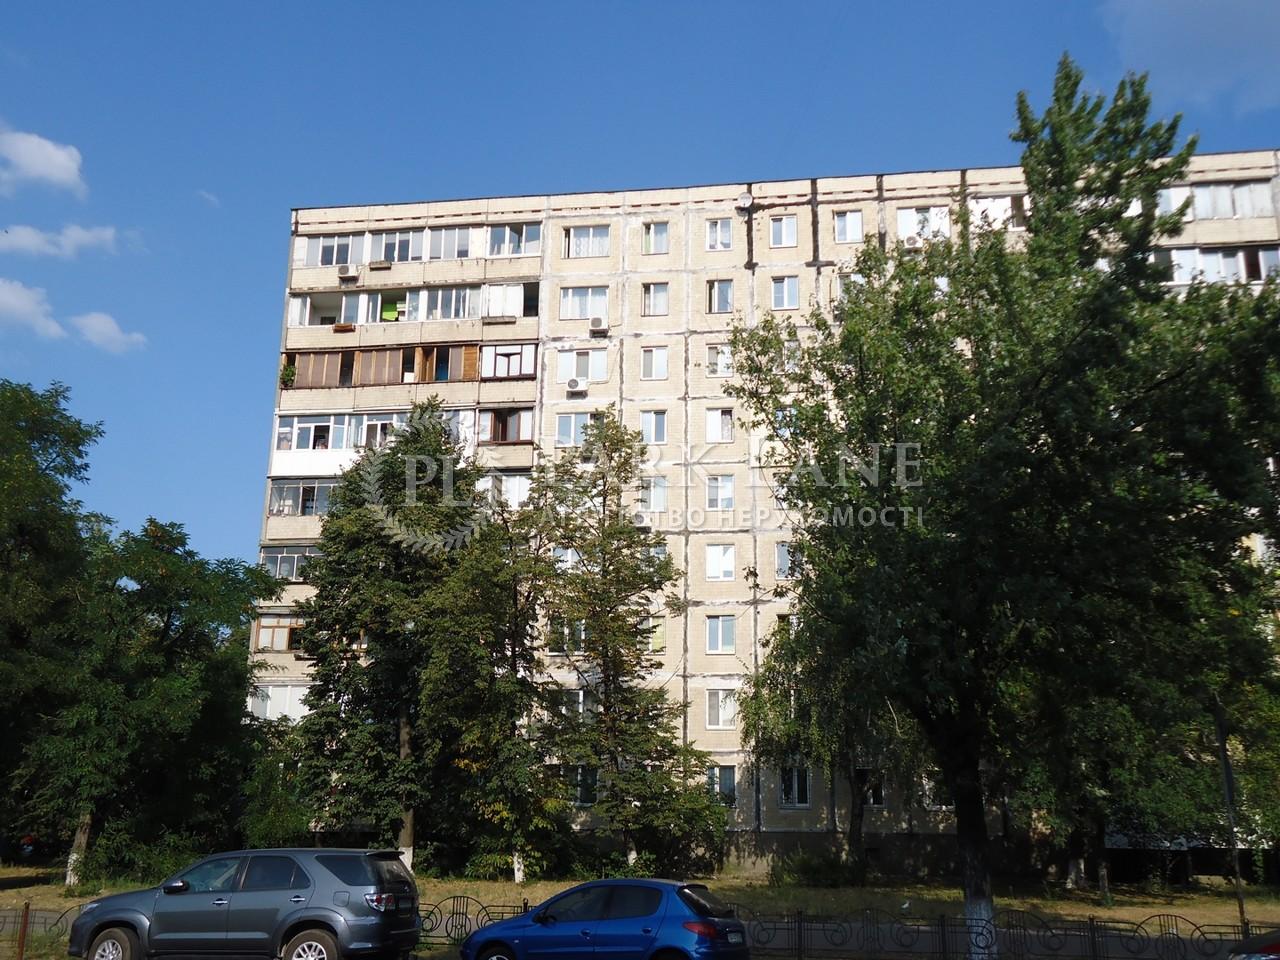 Квартира ул. Милютенко, 40/16, Киев, B-98734 - Фото 14